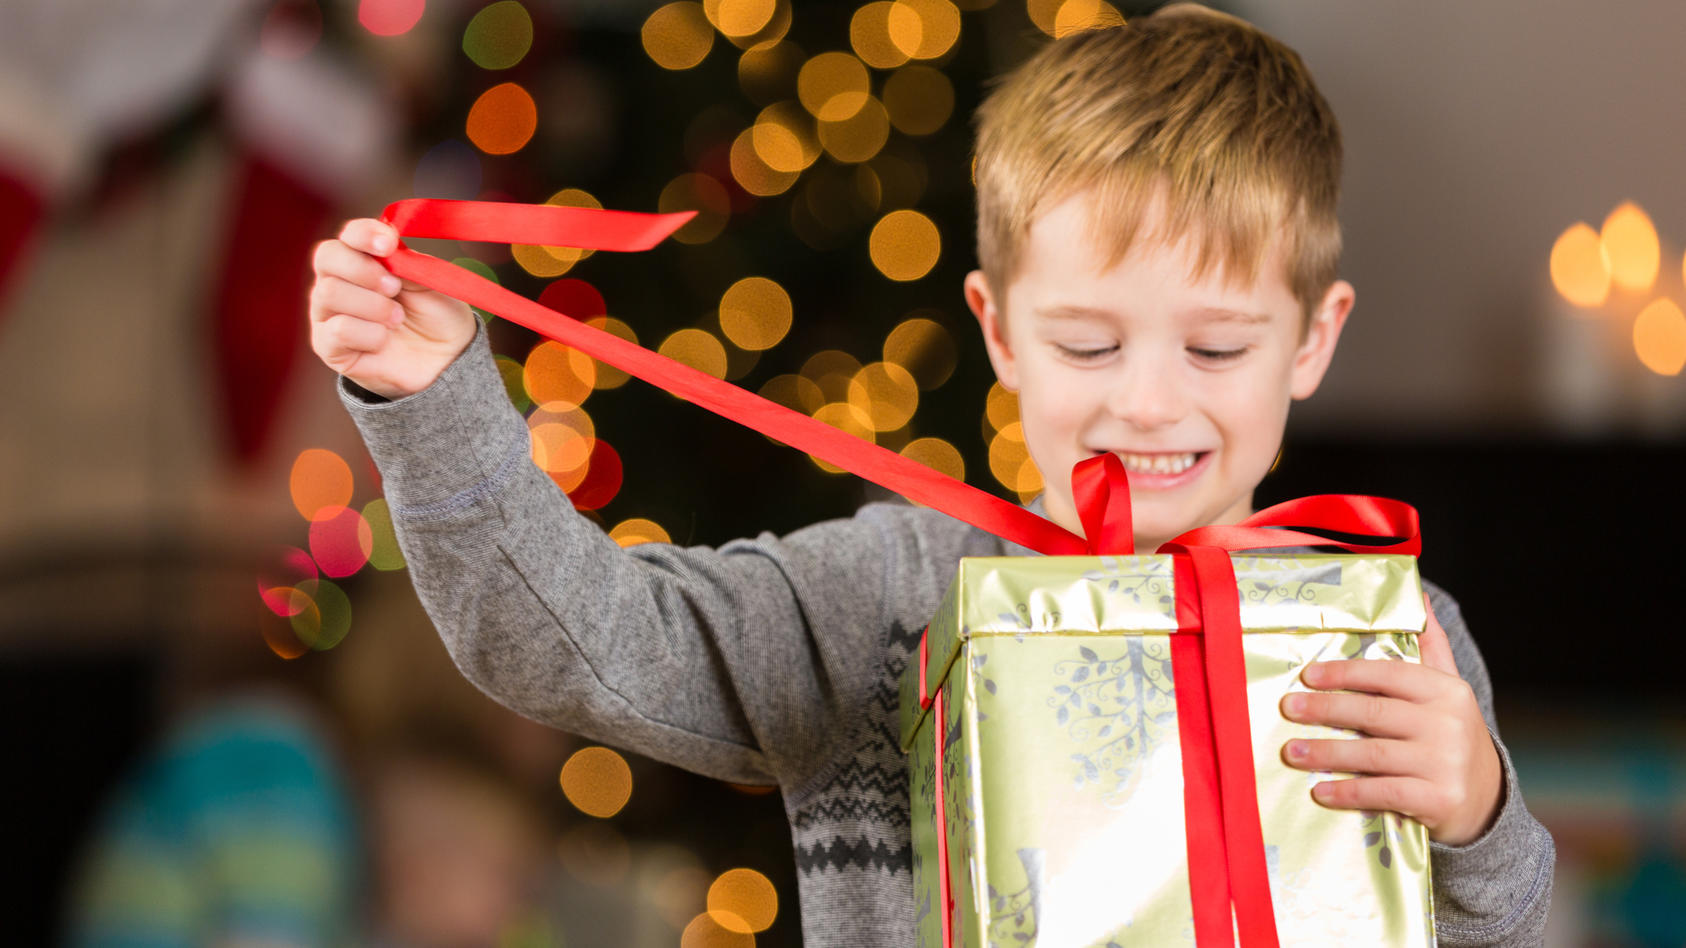 Junge öffnet Weihnachtsgeschenk